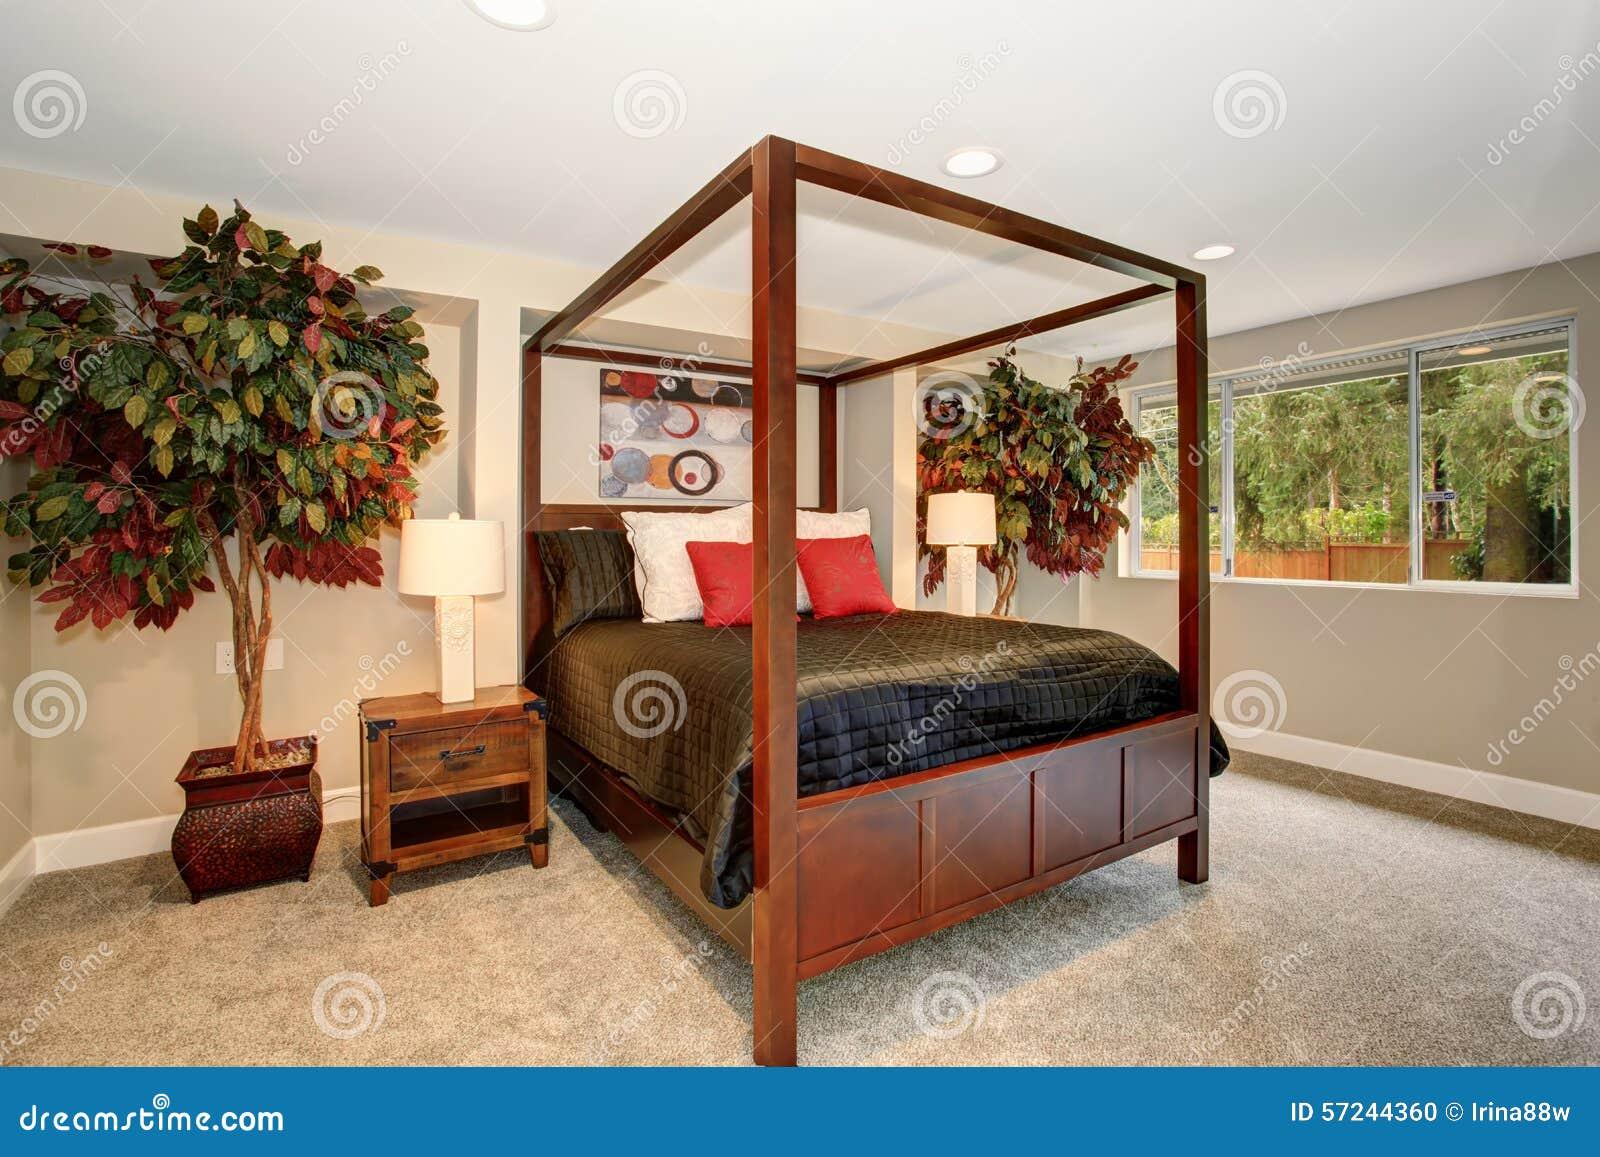 100 Schlafzimmer Nat Lich Einrichten Wohnzimmer Beige Braun Grun Tagify Us Tagify Us Stunning Esszimmer Mit Bank Einrichten Pictures House Design Ruptos Com Esszimmersthle Modernes Design